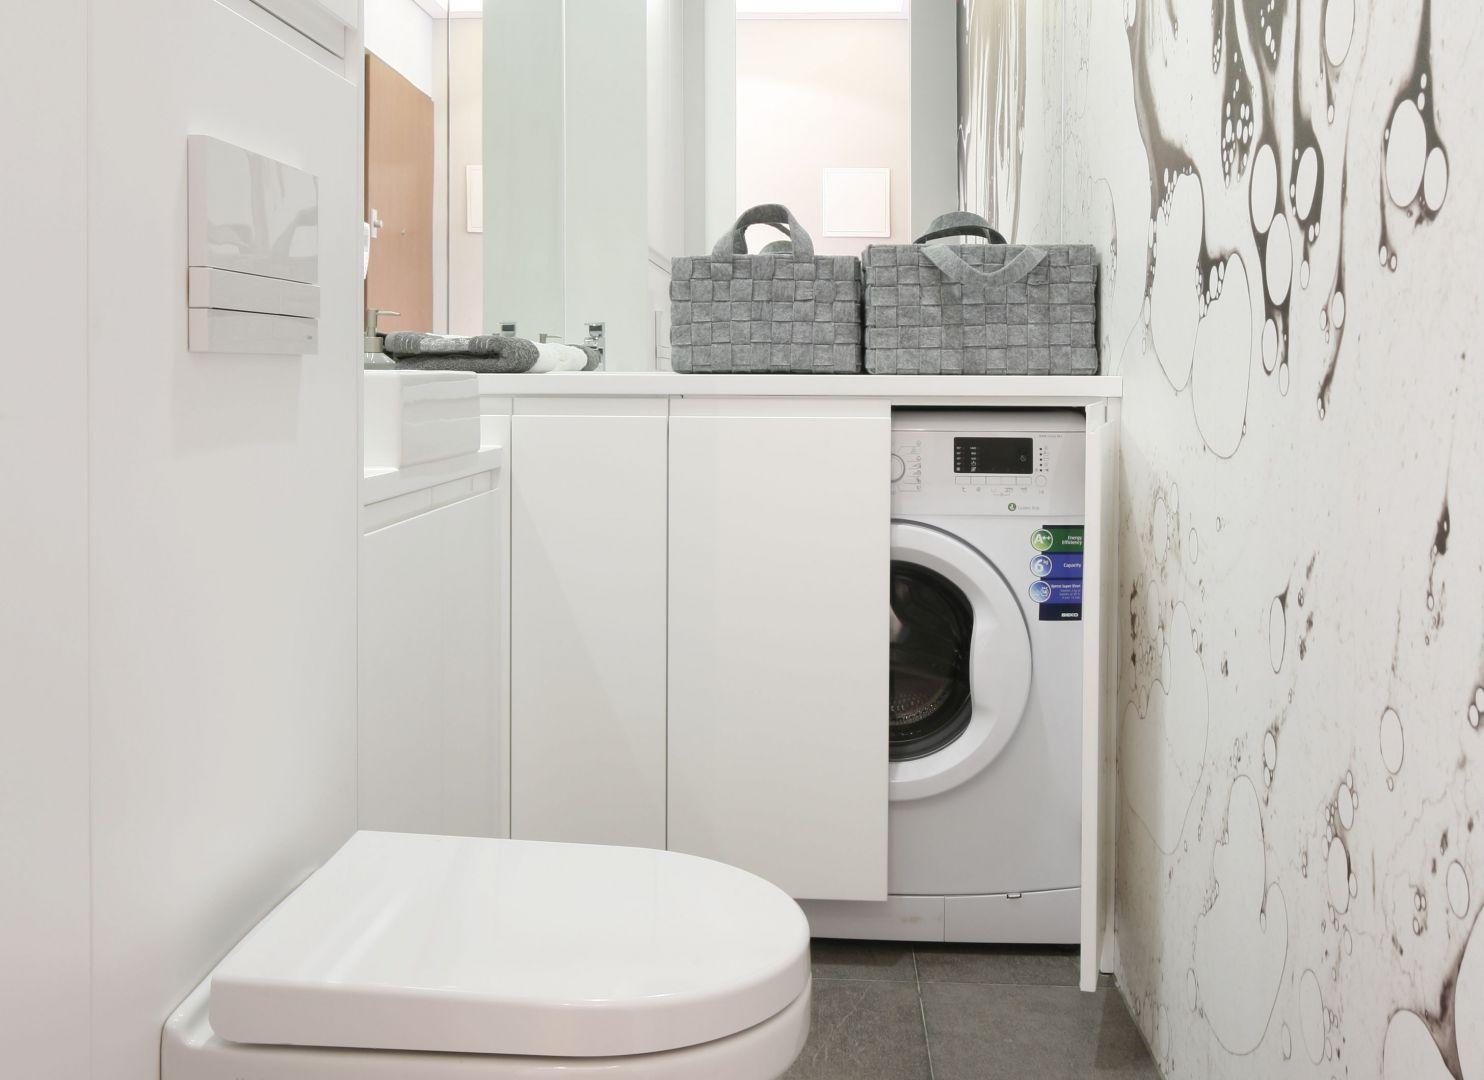 Biel do małej łazienki będzie najodpowiedniejszym kolorem. Powiększy ją optycznie i rozjaśni. Projekt: Karolina Łuczyńska. Fot. Bartosz Jarosz